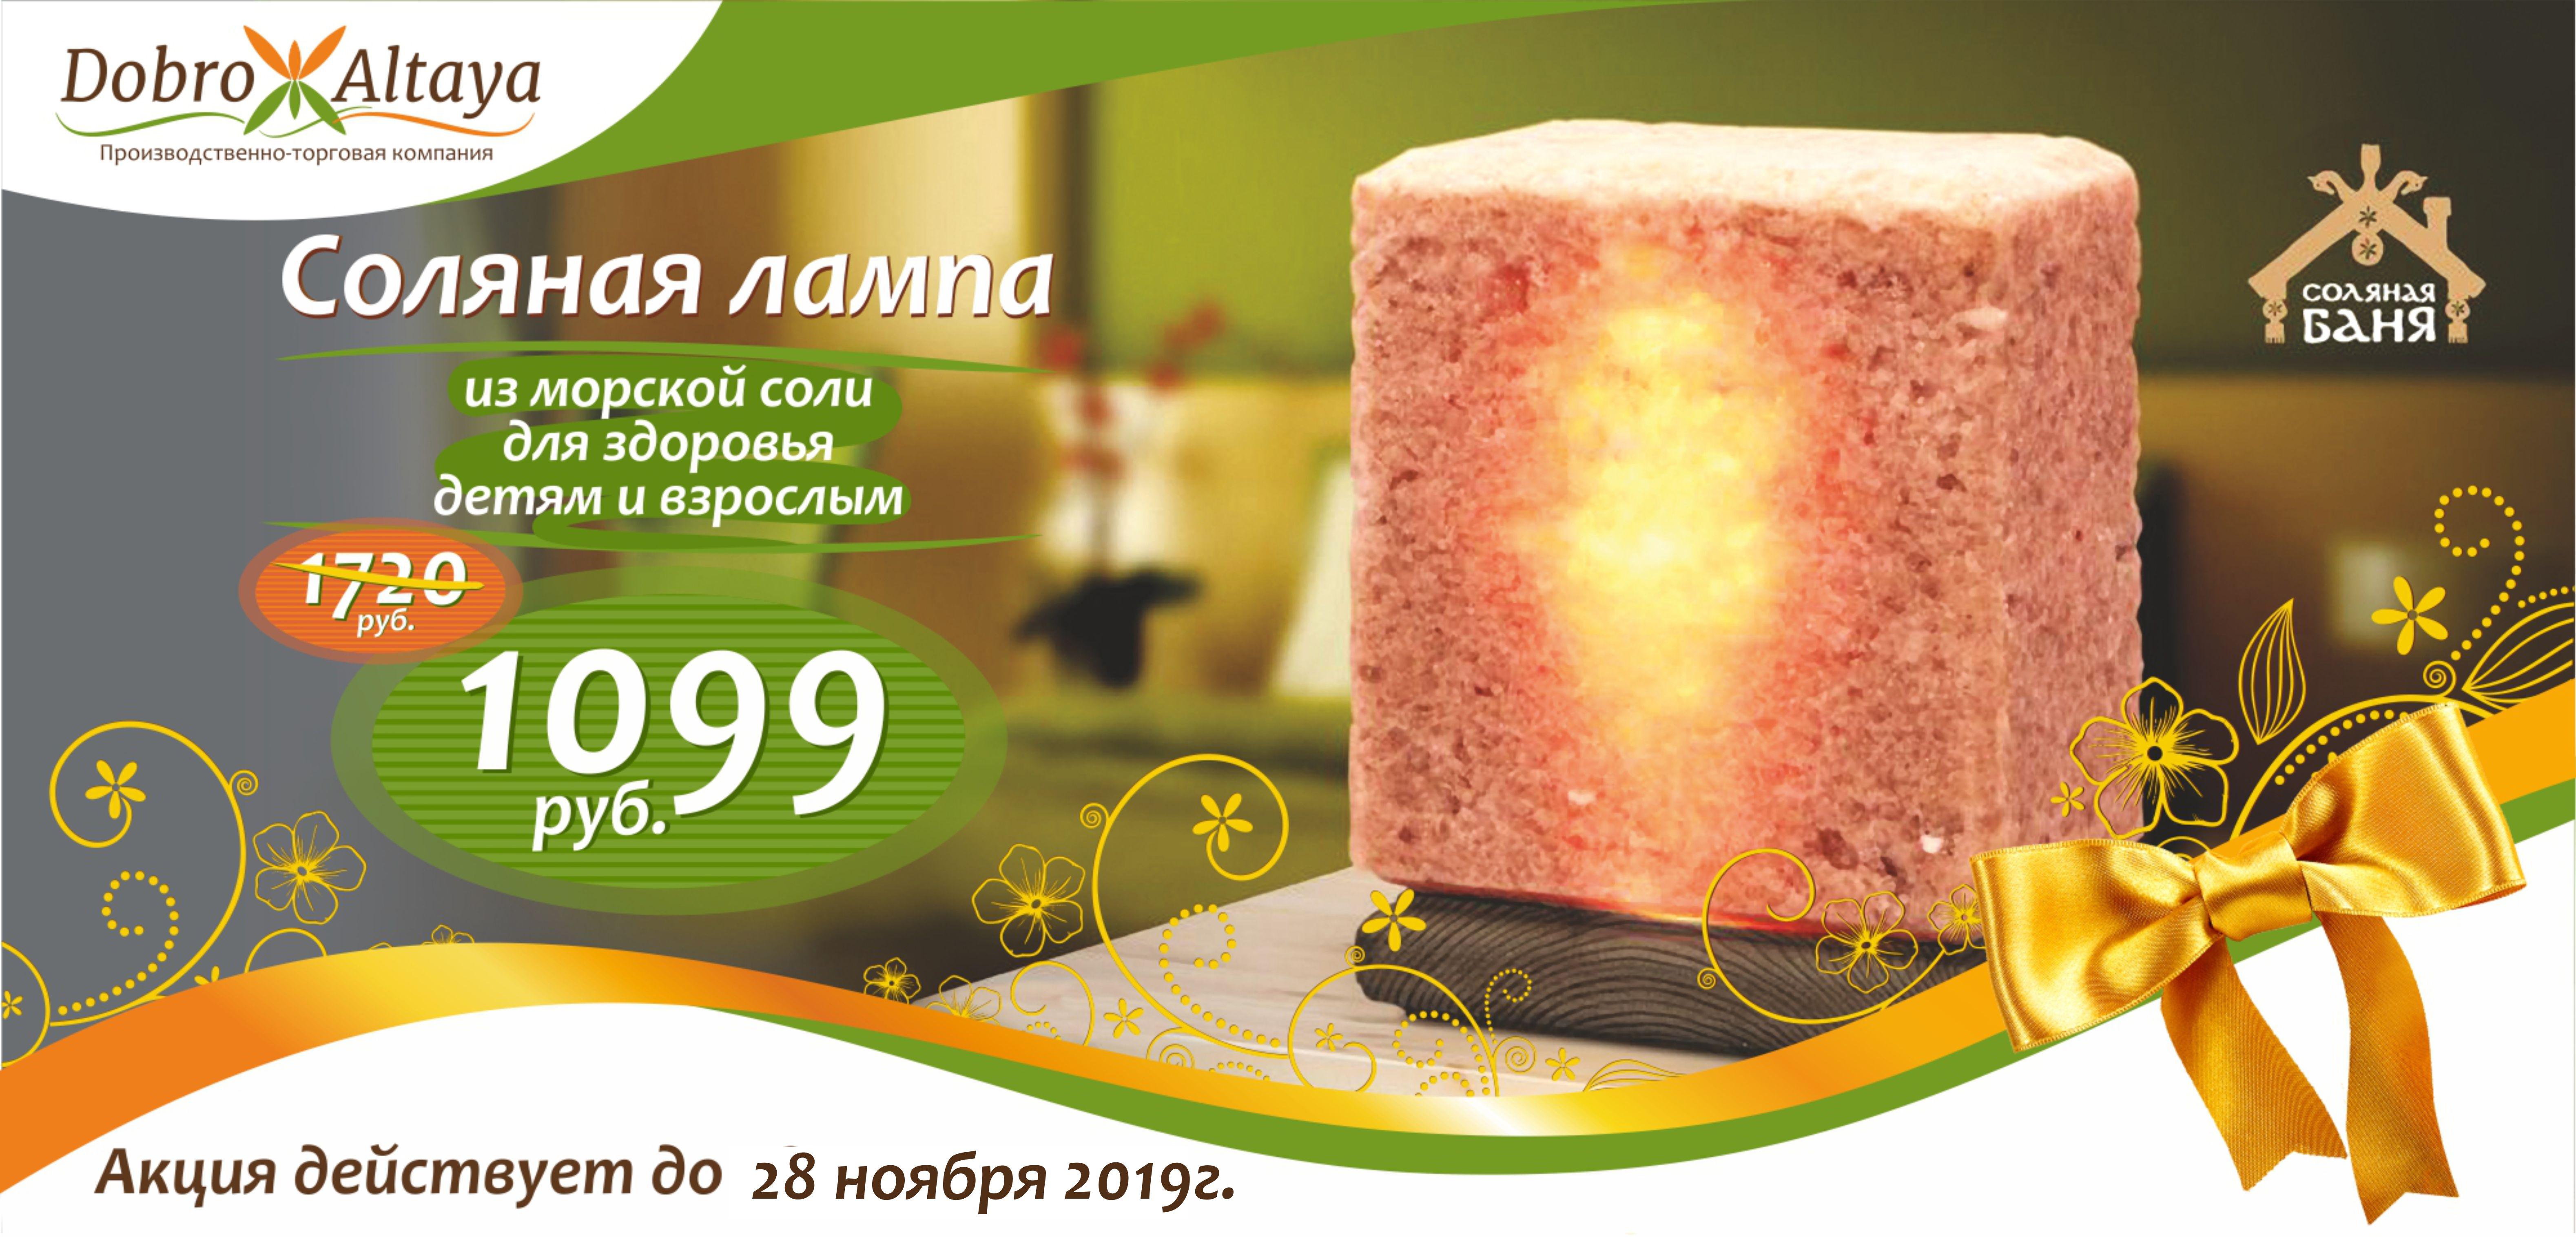 Соляная лампа из Крымской солидля здоровьядетям и взрослым со скидкой 36%